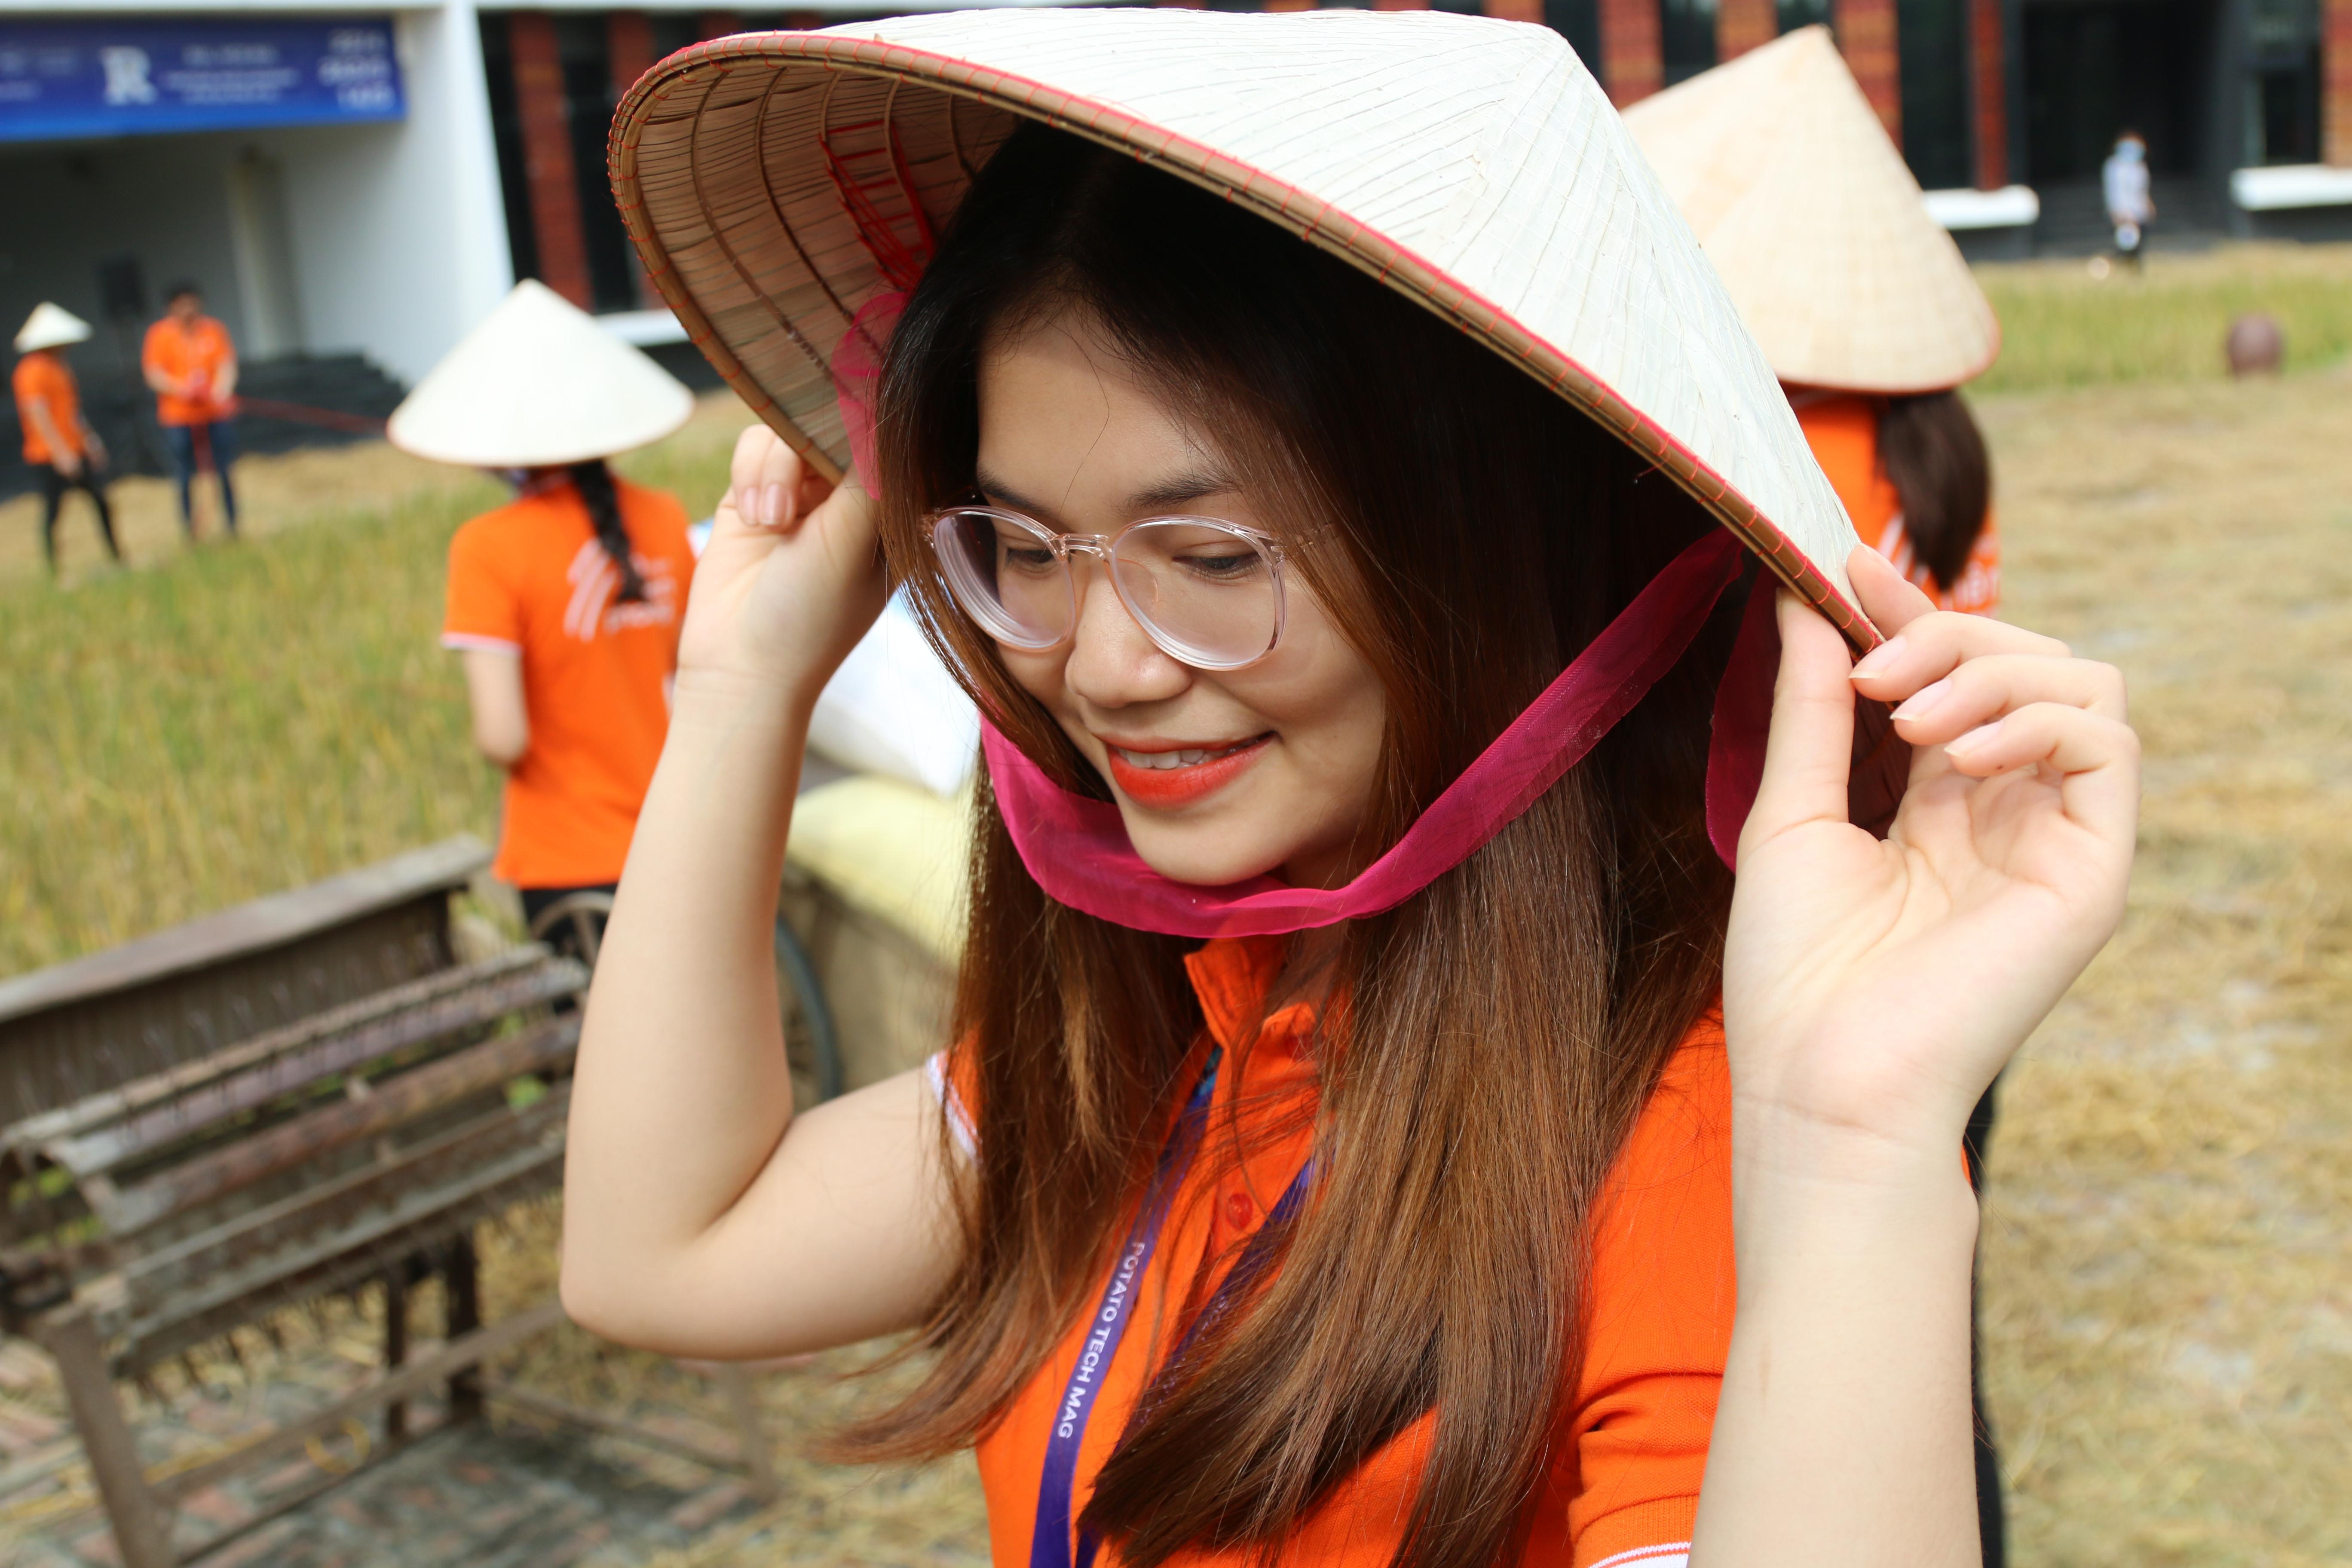 Sinh năm 1995, Nguyễn Thu Trang hiện làm việc tại Trung tâm chia sẻ dịch vụ Hòa Lạc (SSC. HL). Mỗi bức ảnh của nữ lễ tân thu hút hàng trăm lượt like.